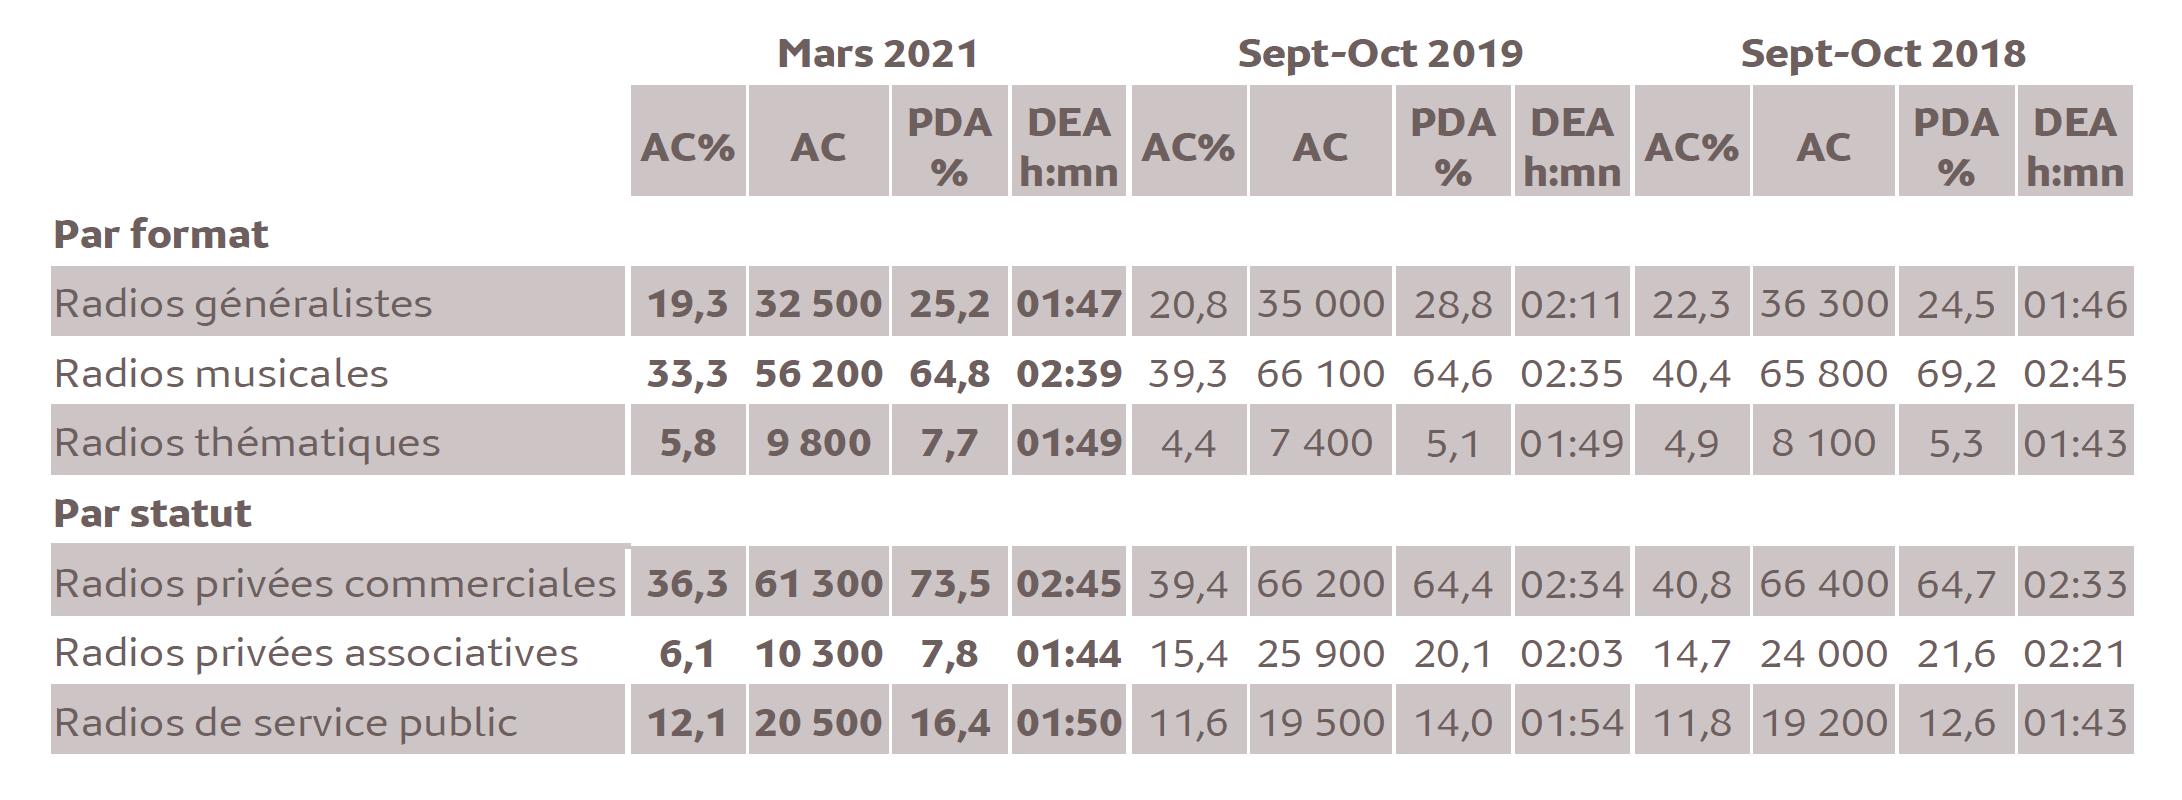 Source : Médiamétrie/Alvea-Etude ad hoc Polynésie française – Mars 2021 Copyright Médiamétrie/Alvea - Tous droits réservés